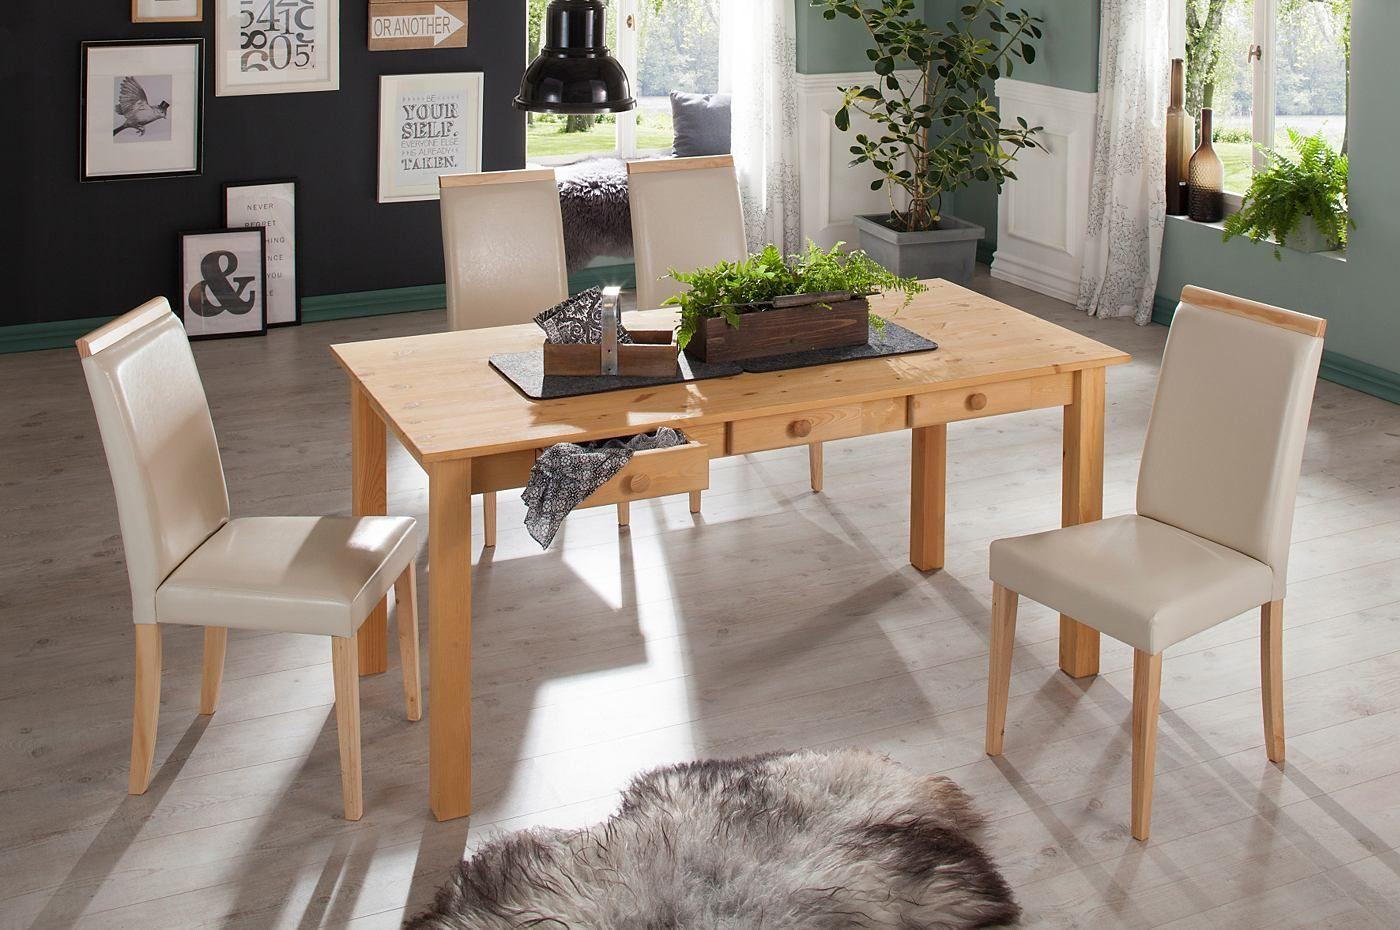 die essgruppe besteht aus einem tisch und vier stuhlen die stuhle sind mit pflegeleichtem kunstleder bezogen die stuhlbeine sowie der tisch sind aus